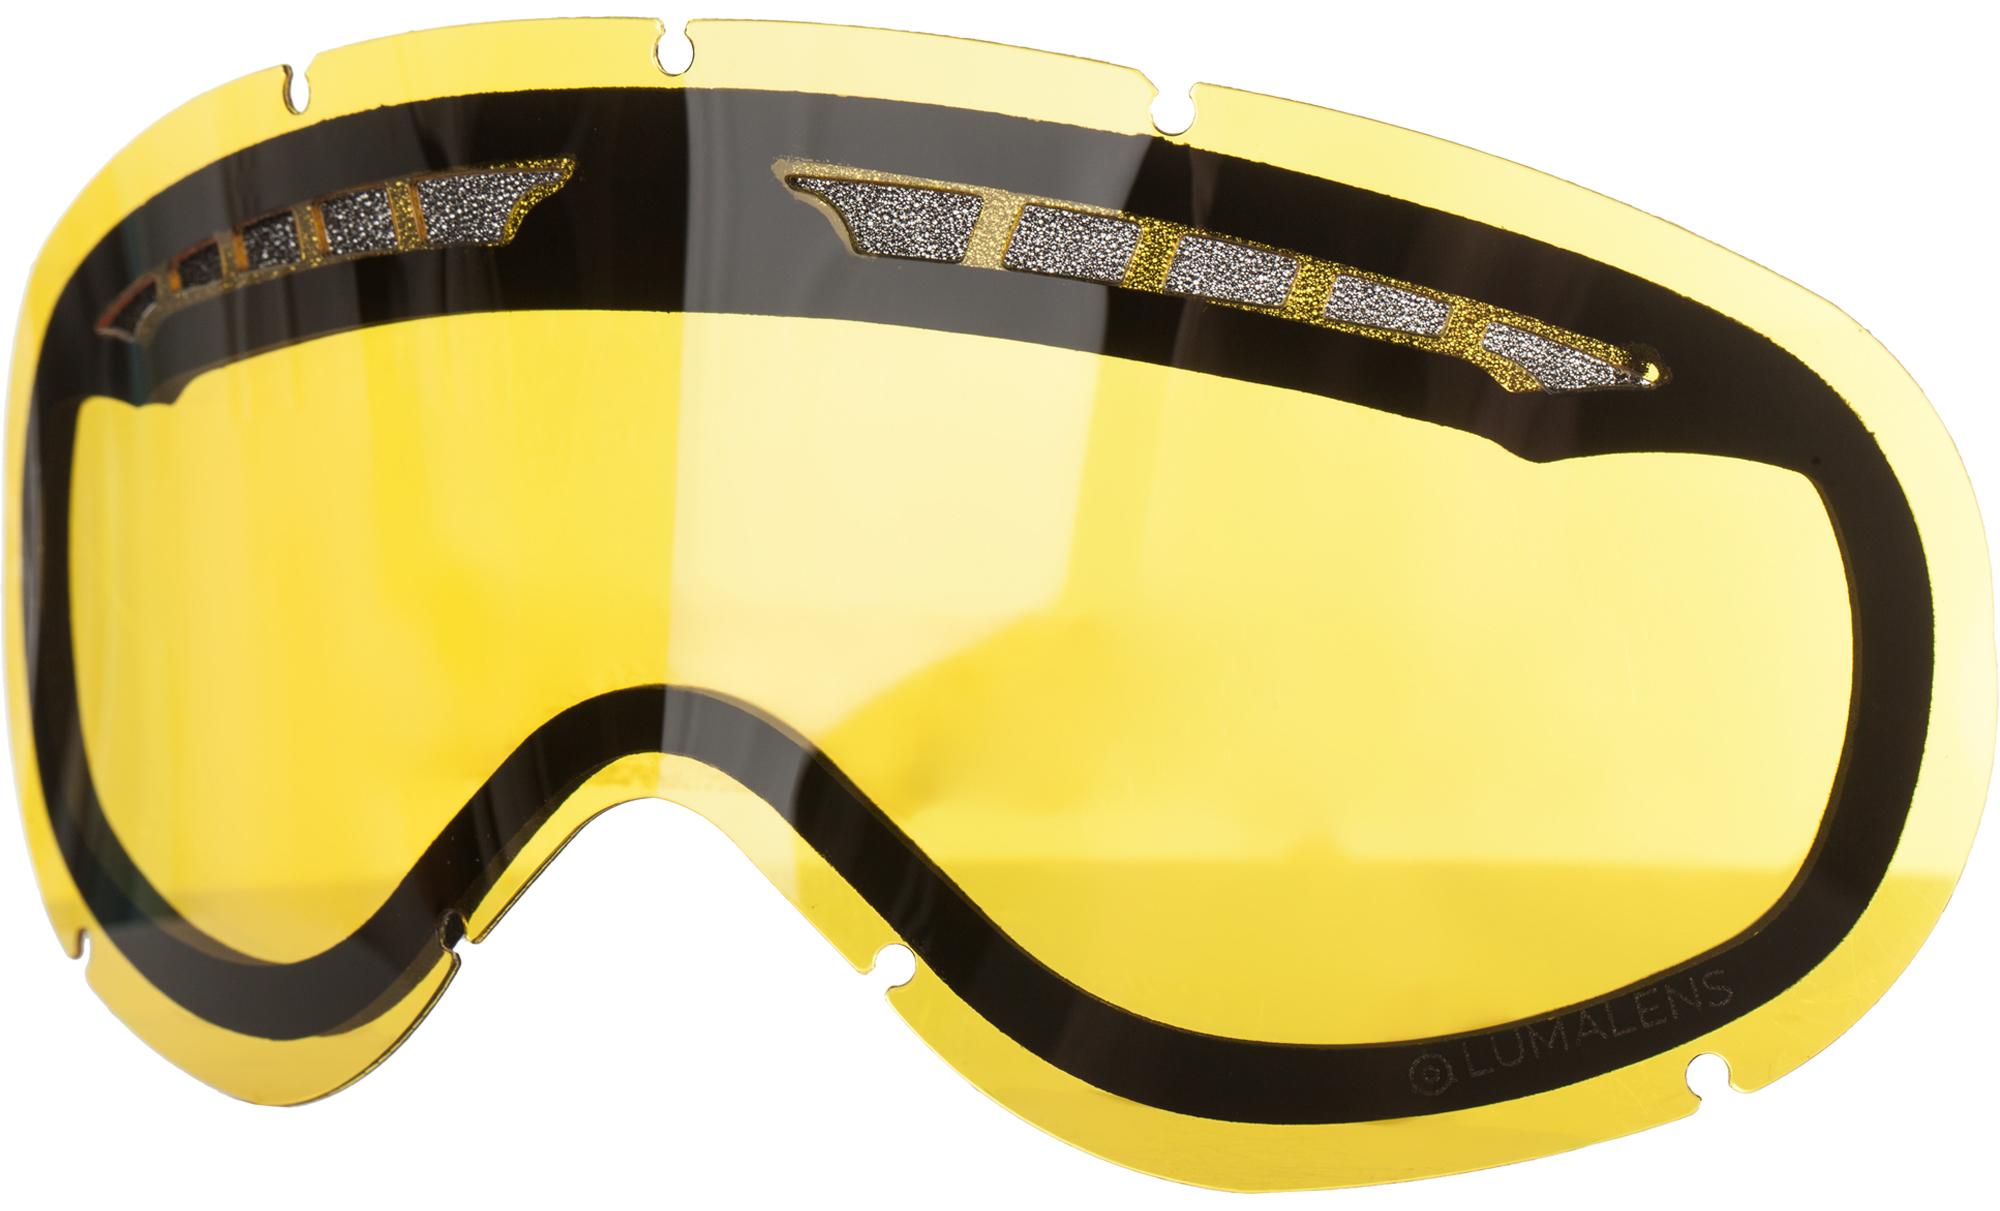 Dragon Линза для маски Dragon DX RPL LENS - Lumalens Yellow